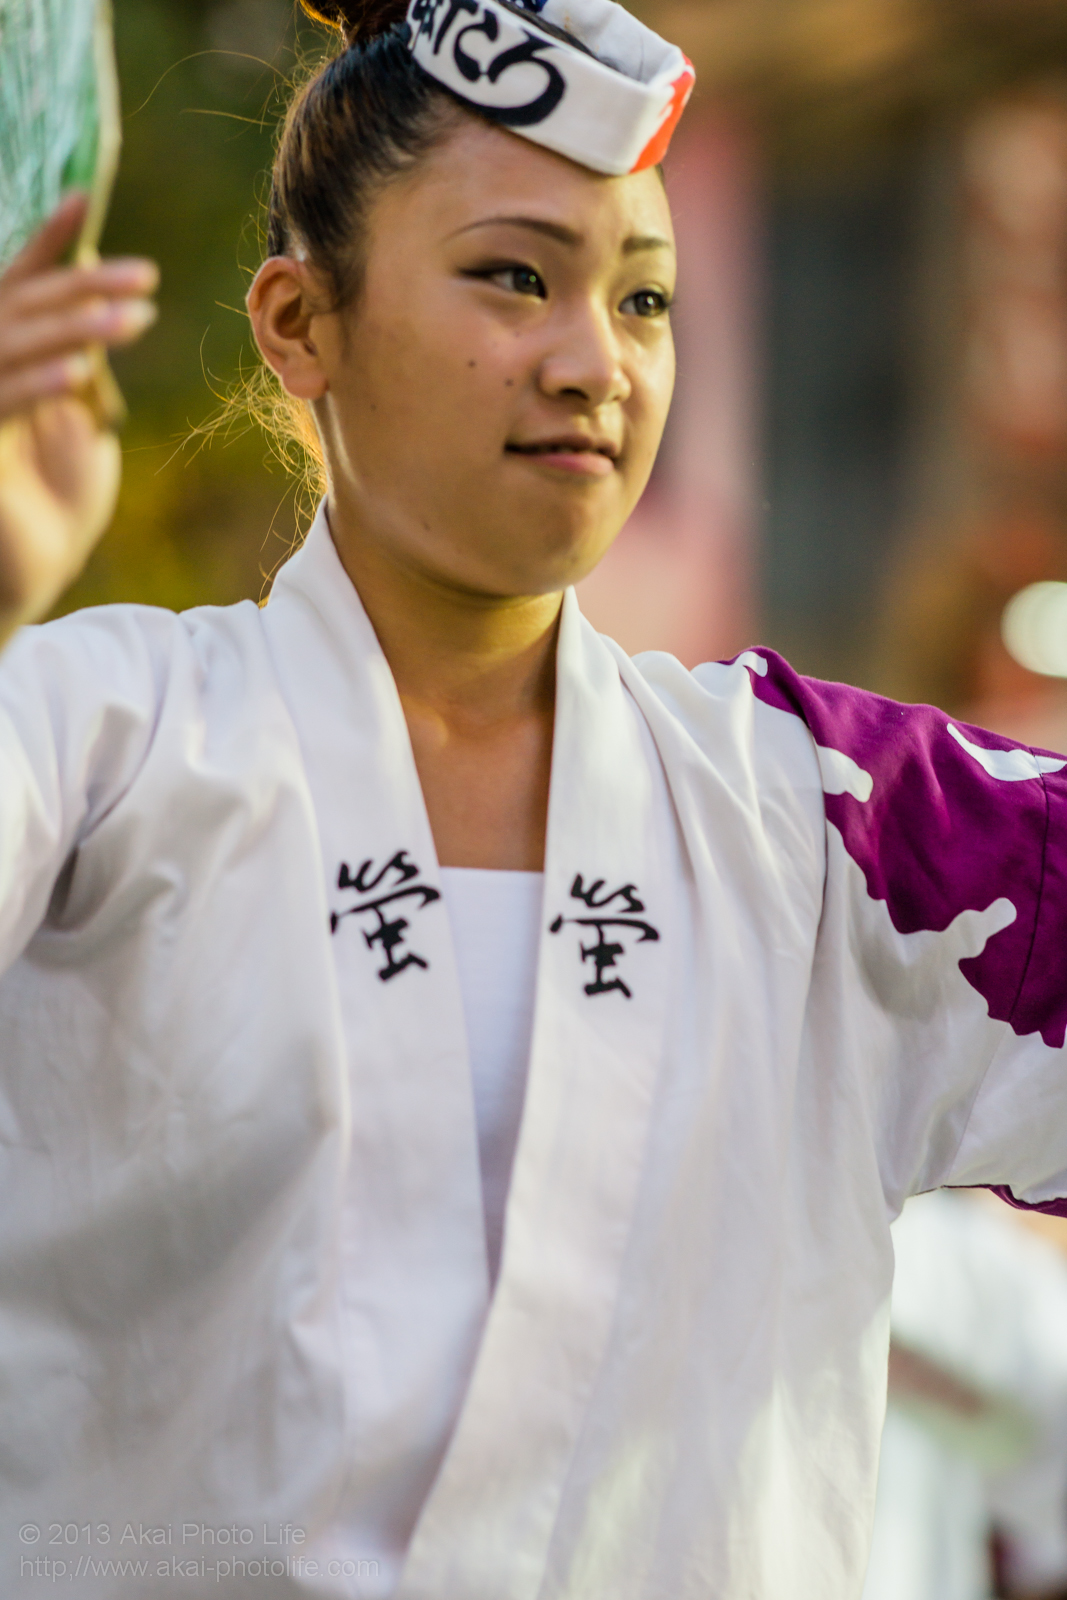 三鷹阿波踊り、江戸の阿波 螢の女性の男踊り うちわ